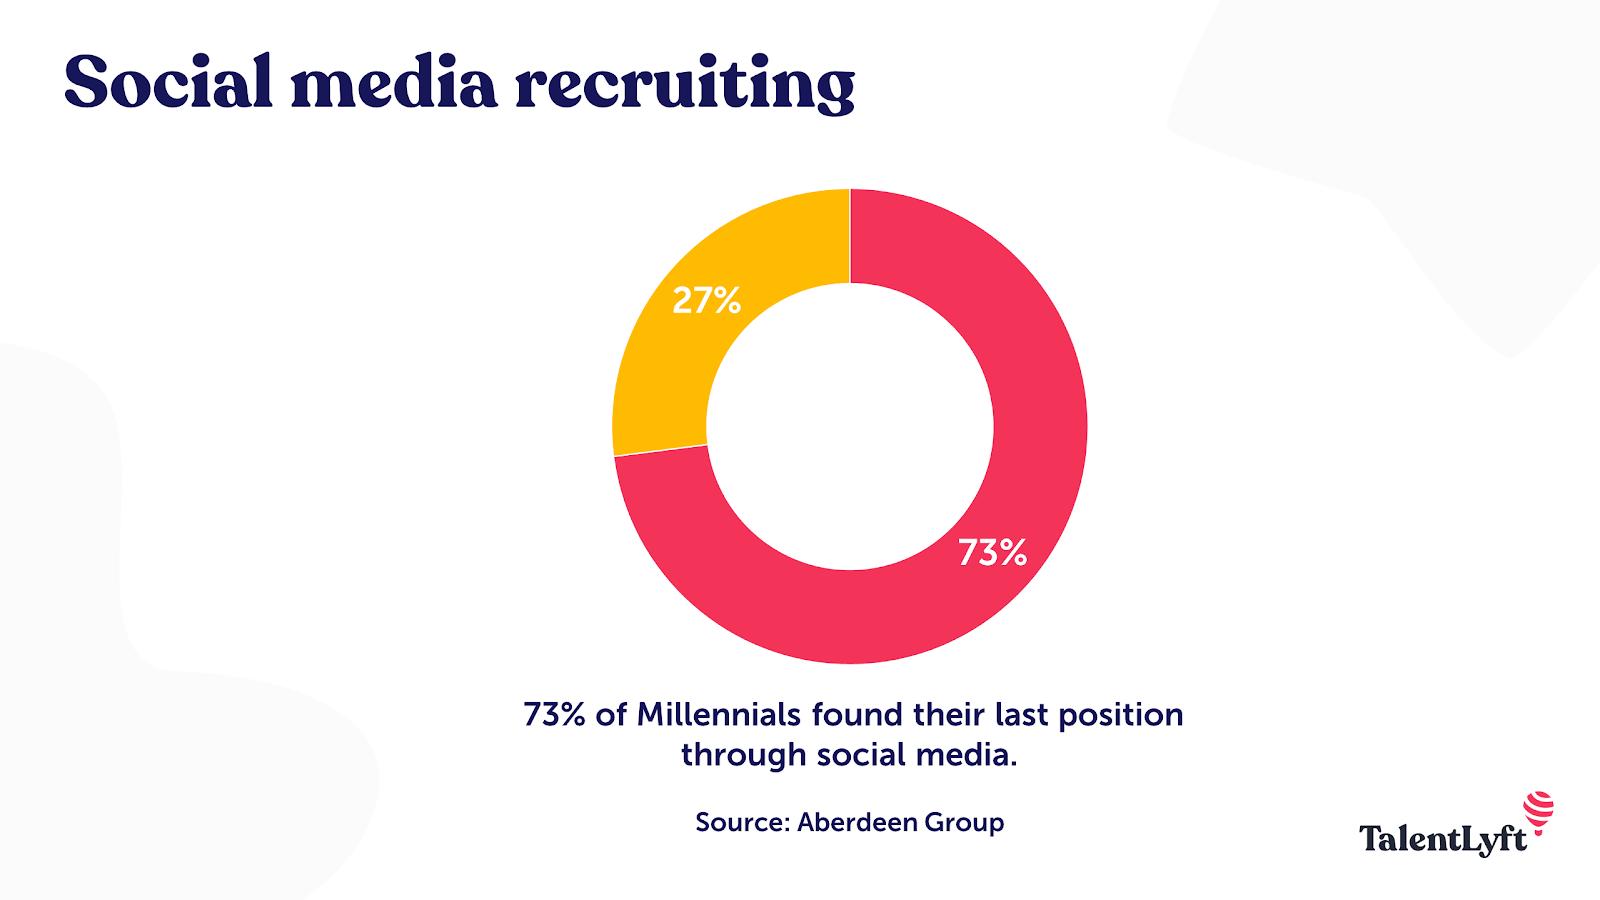 Social media recruiting statistic